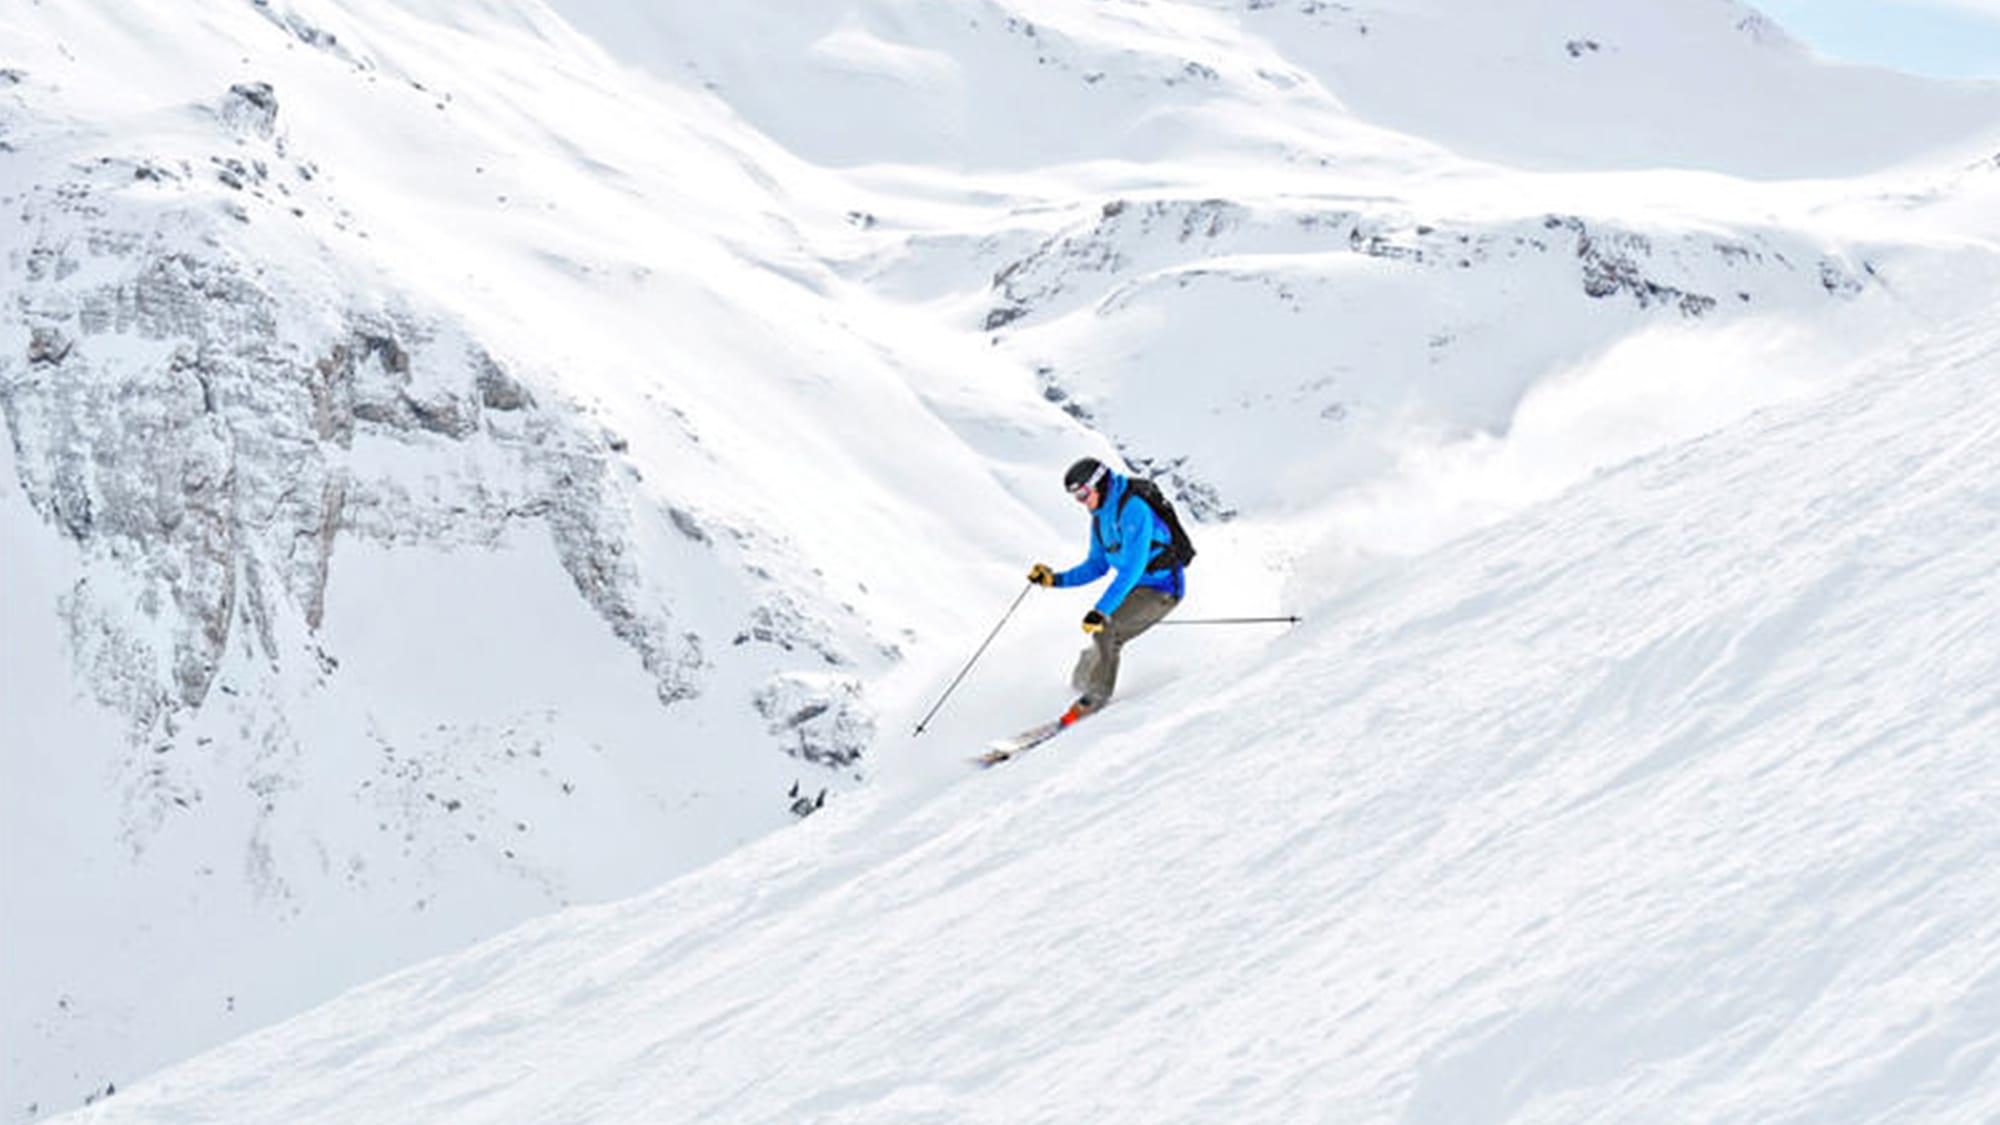 solo skier down steep white mountain